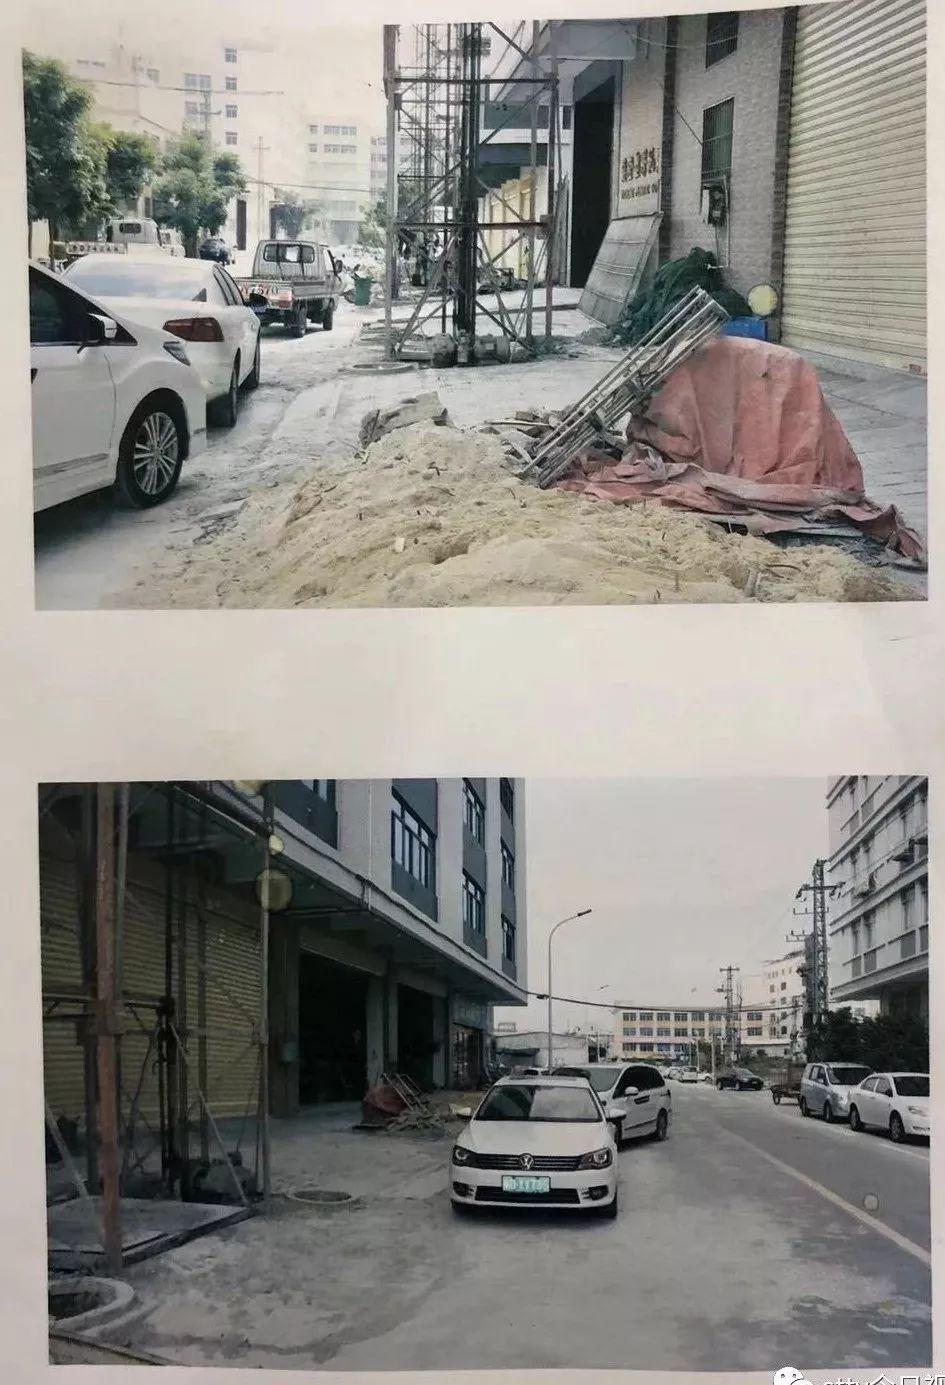 【街市事】澄海205公交线路有调整;工地建材接连被偷警方迅速破案